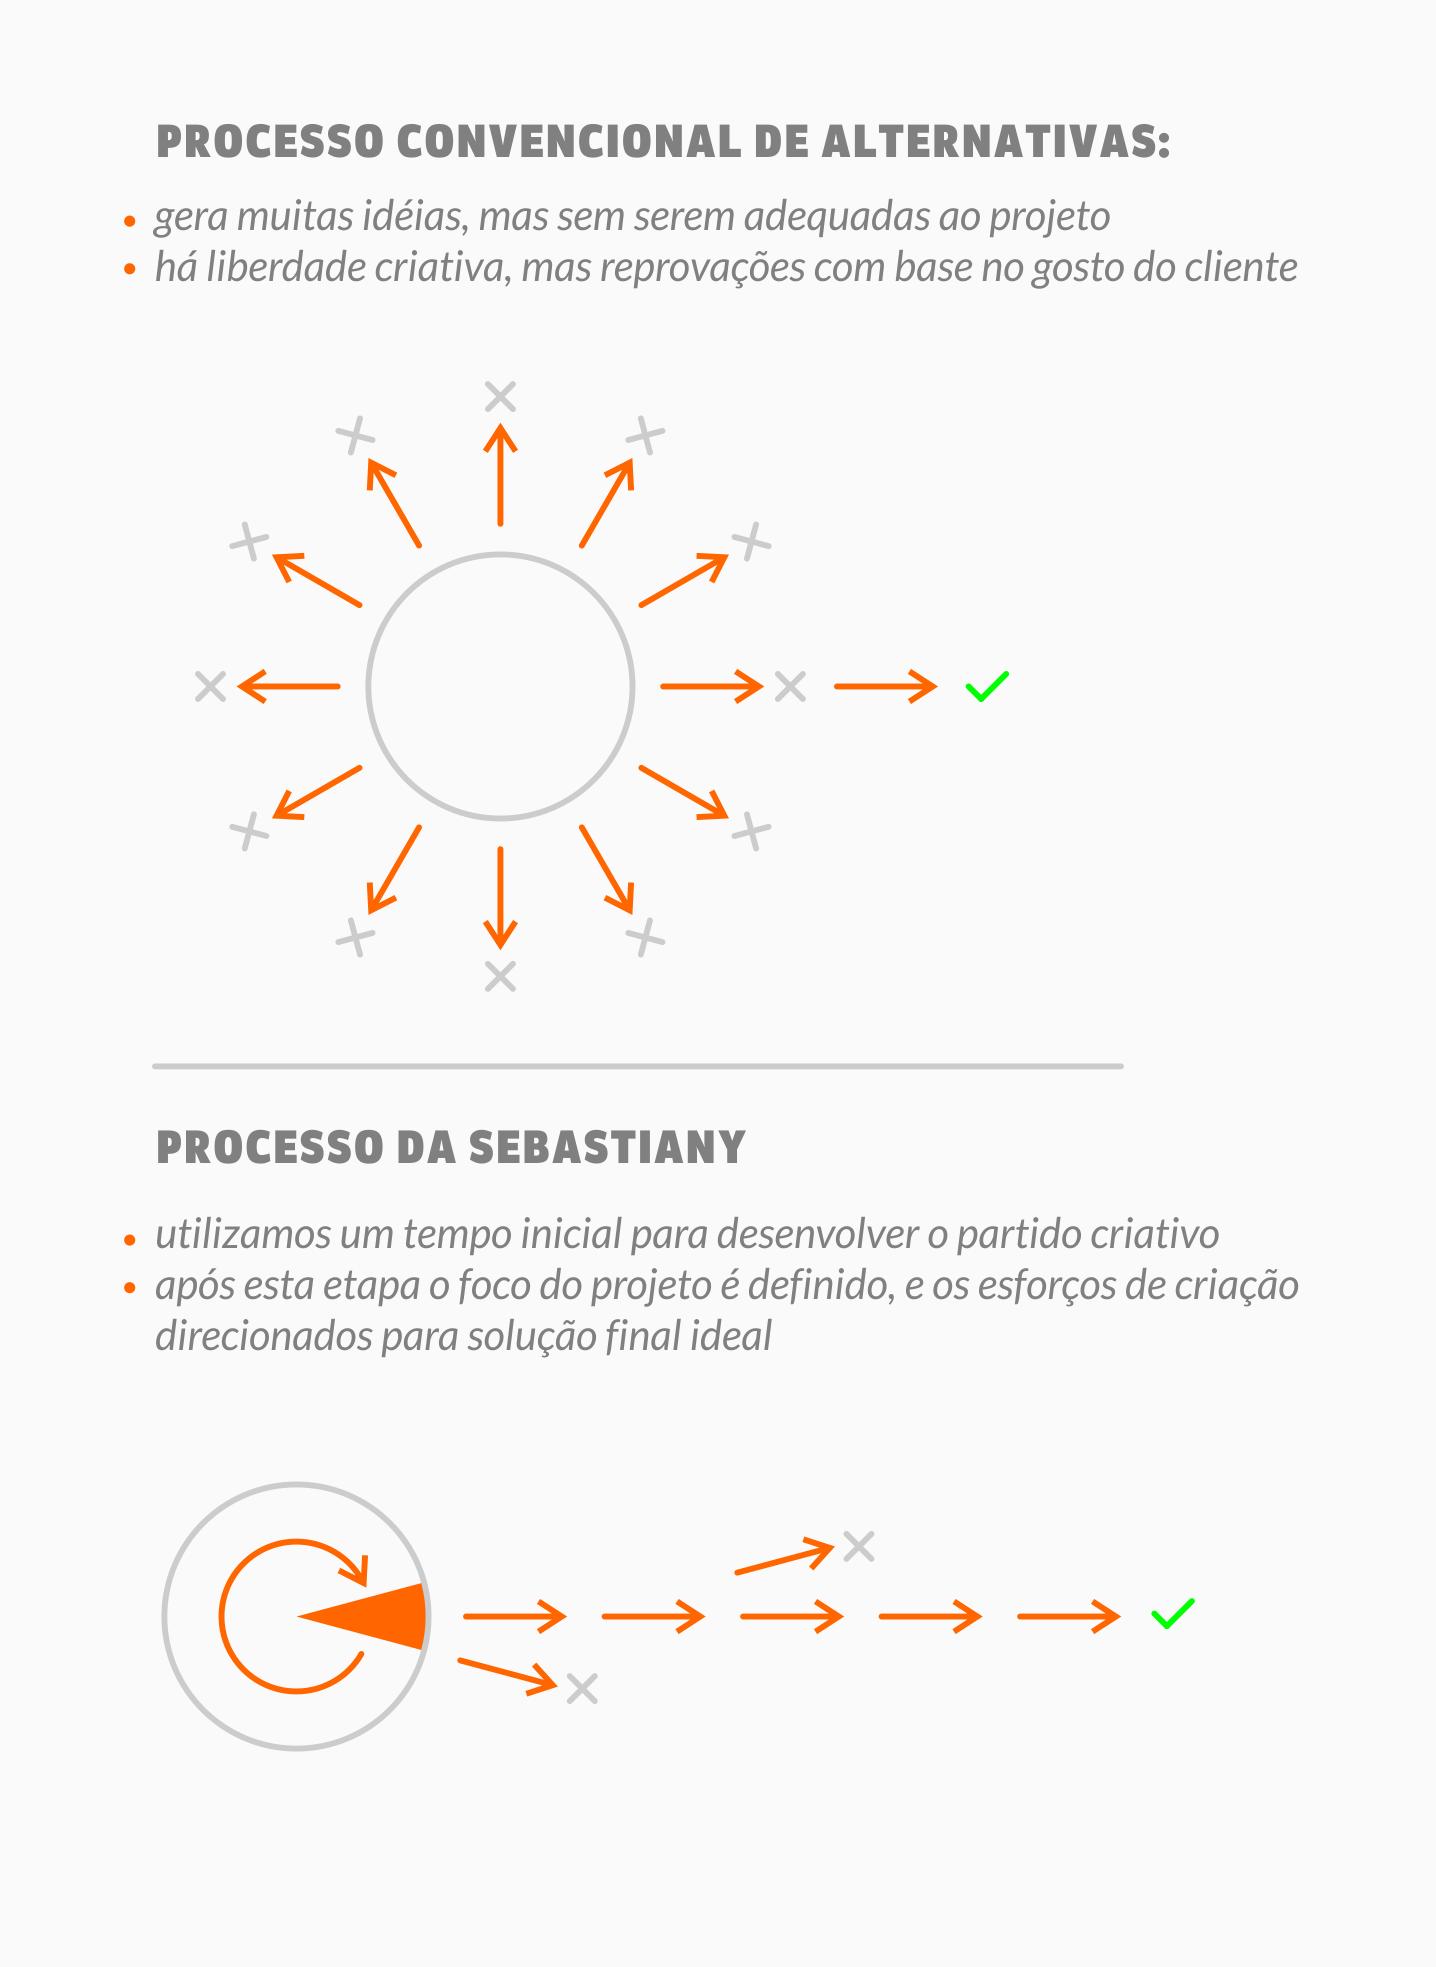 metodo sebastiany de design de marcas